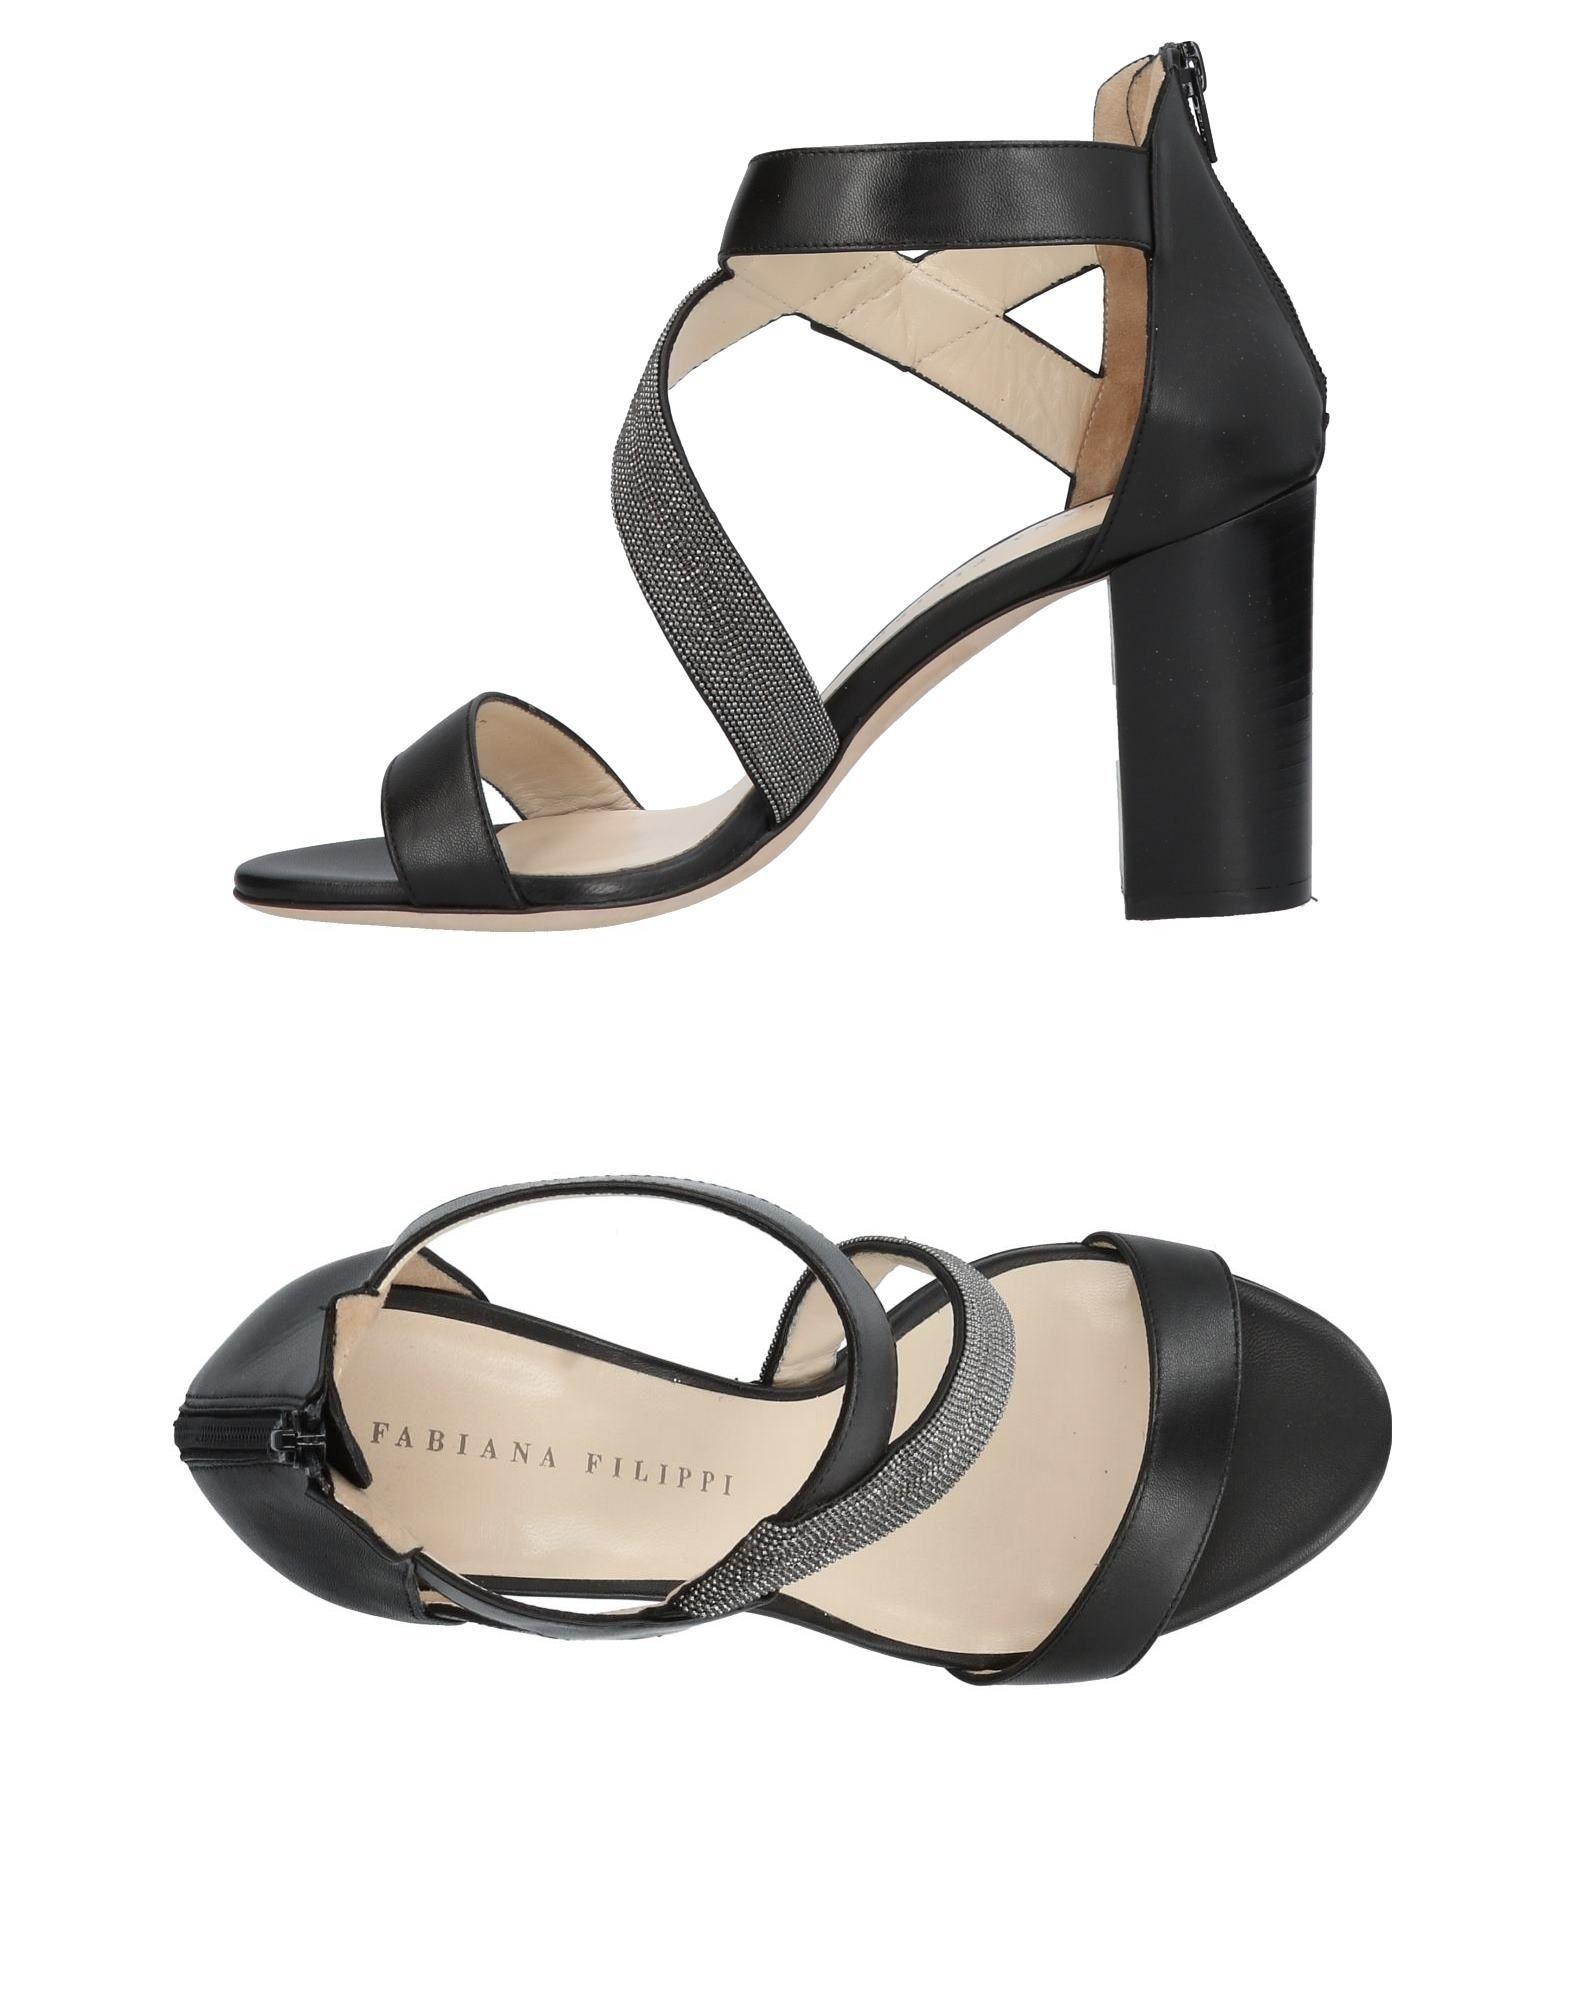 Fabiana Filippi Damen Sandalen Damen Filippi  11420980DU Neue Schuhe 0ccc4b